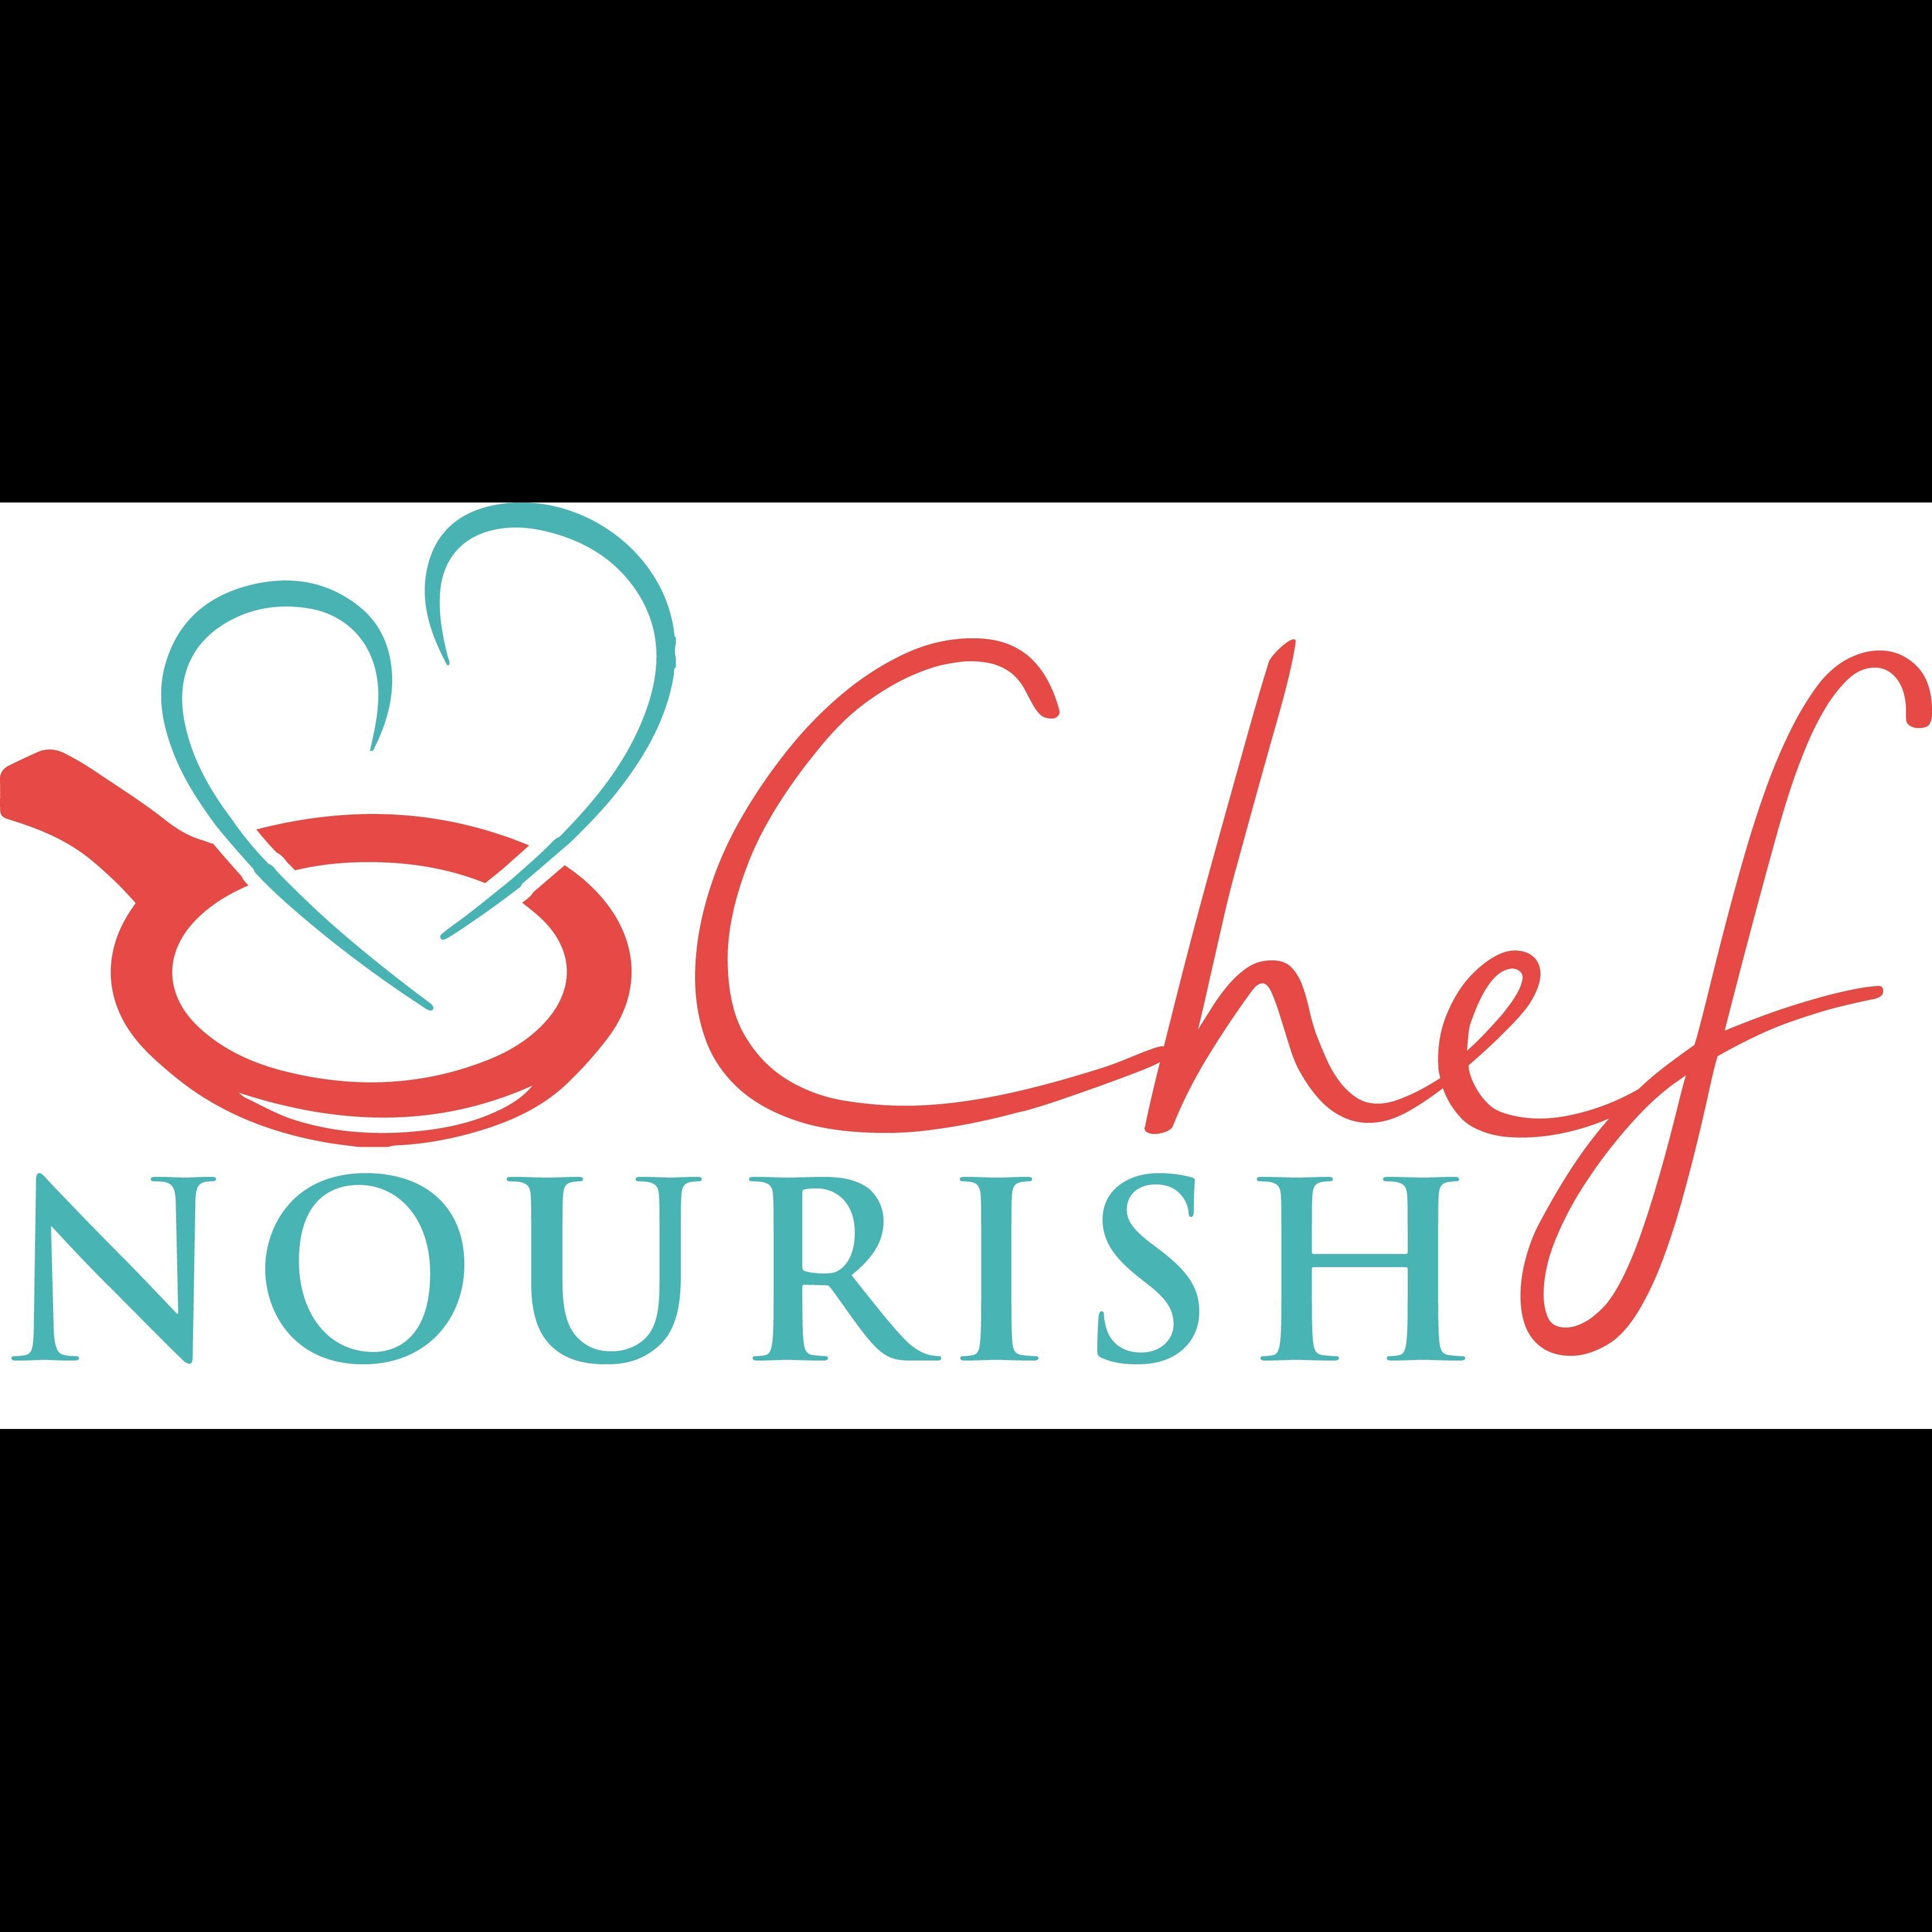 Chef Nourish